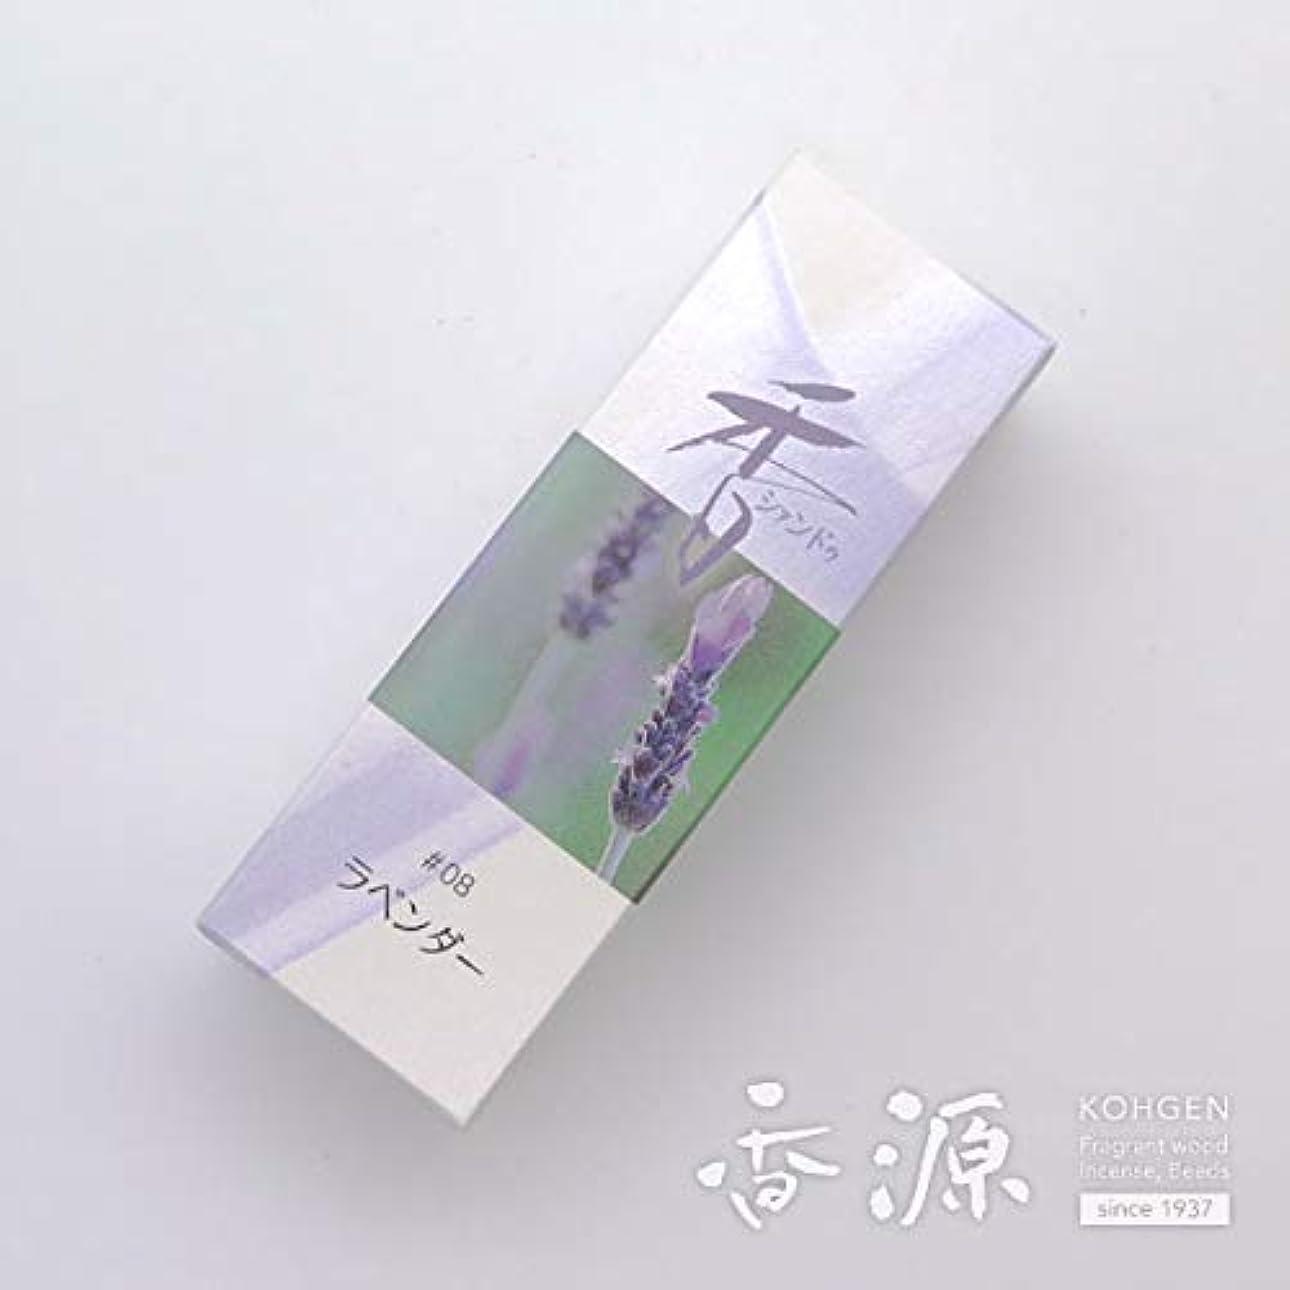 雇うミリメートルインシュレータ松栄堂のお香 Xiang Do ラベンダー ST20本入 簡易香立付 #214208